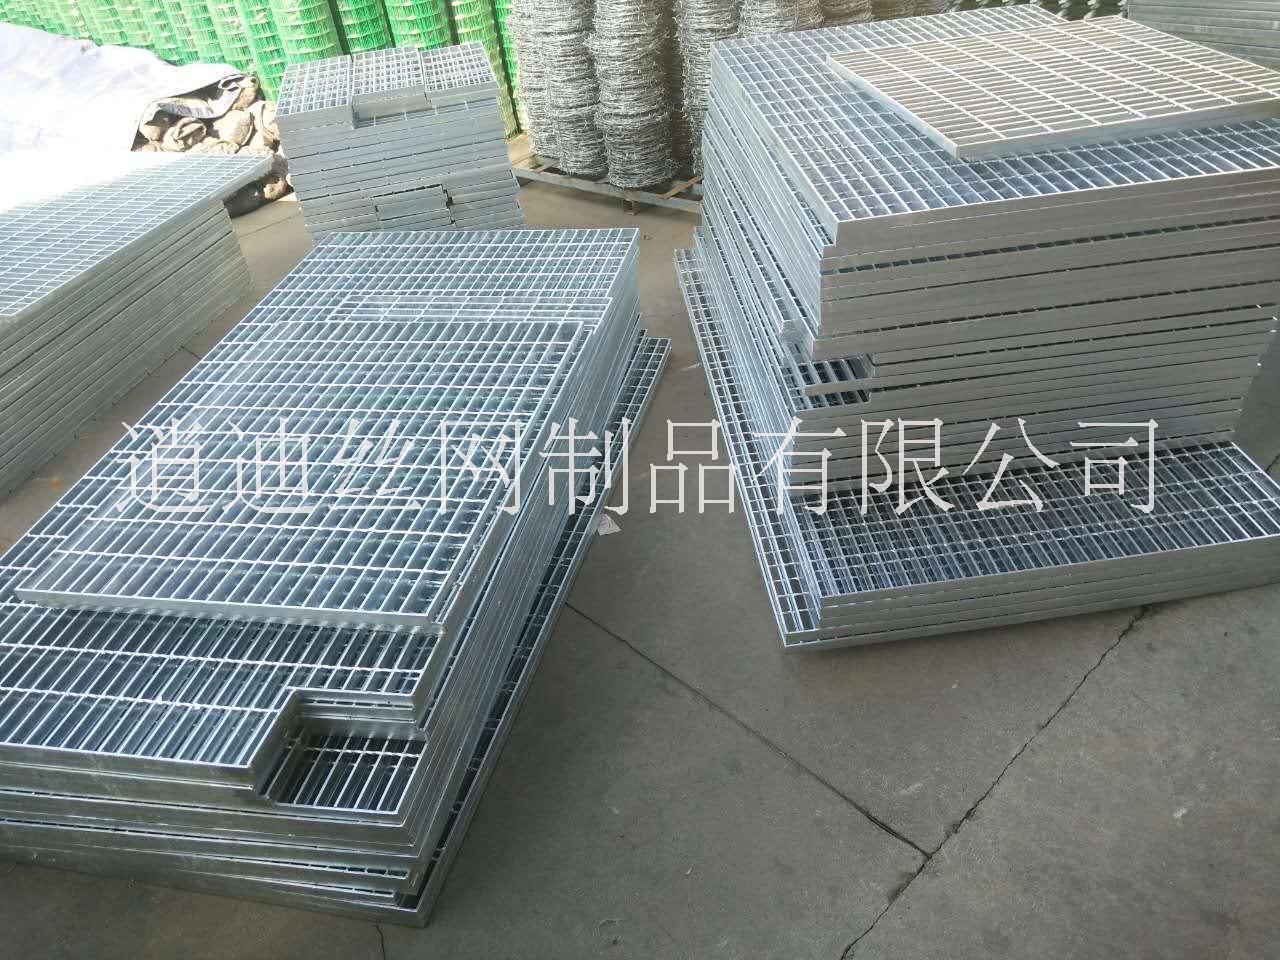 过道用沟盖板 承重40吨图片/过道用沟盖板 承重40吨样板图 (1)